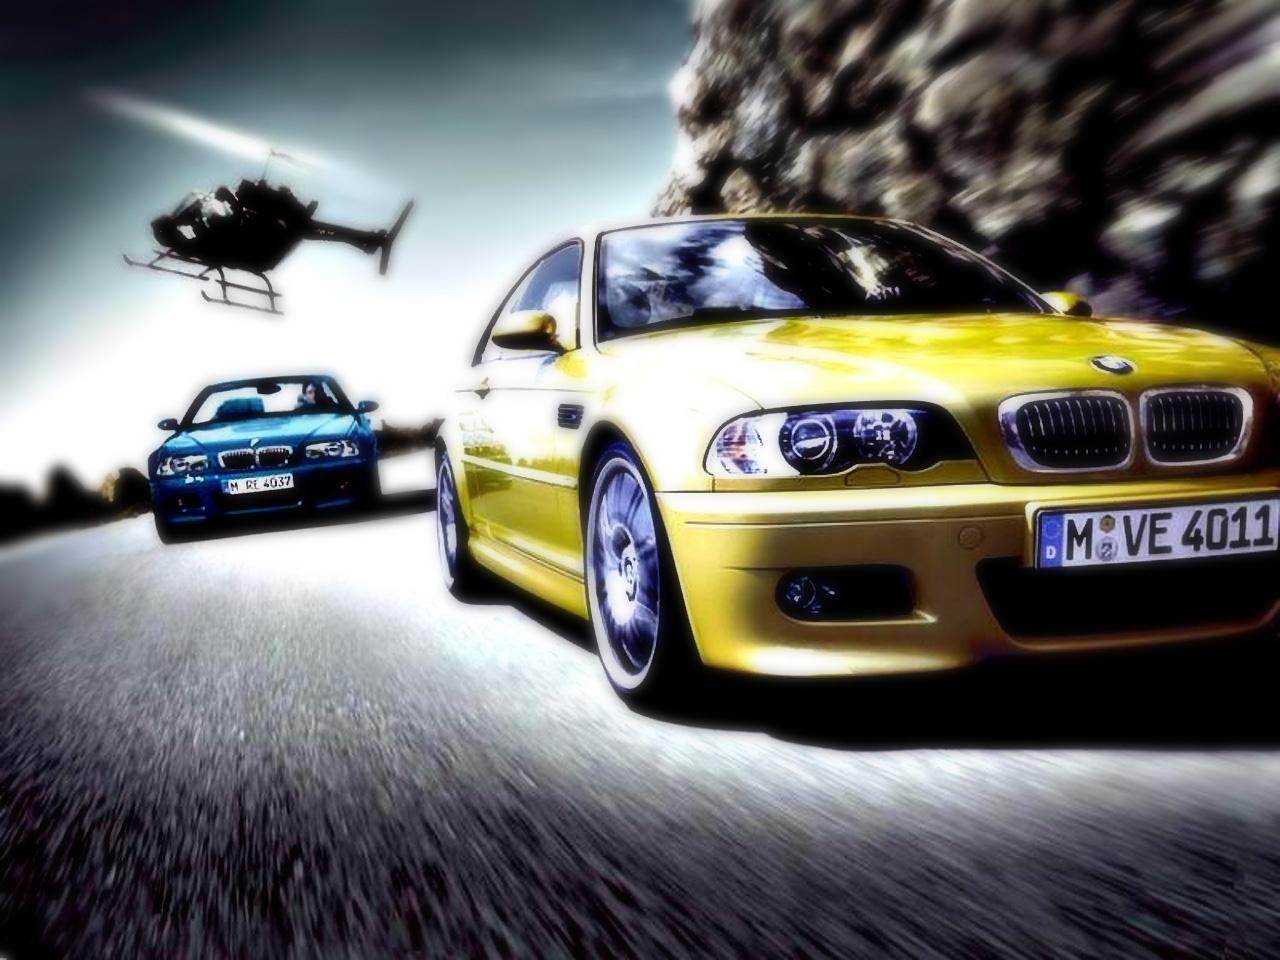 3906 скачать обои Транспорт, Машины, Бмв (Bmw) - заставки и картинки бесплатно